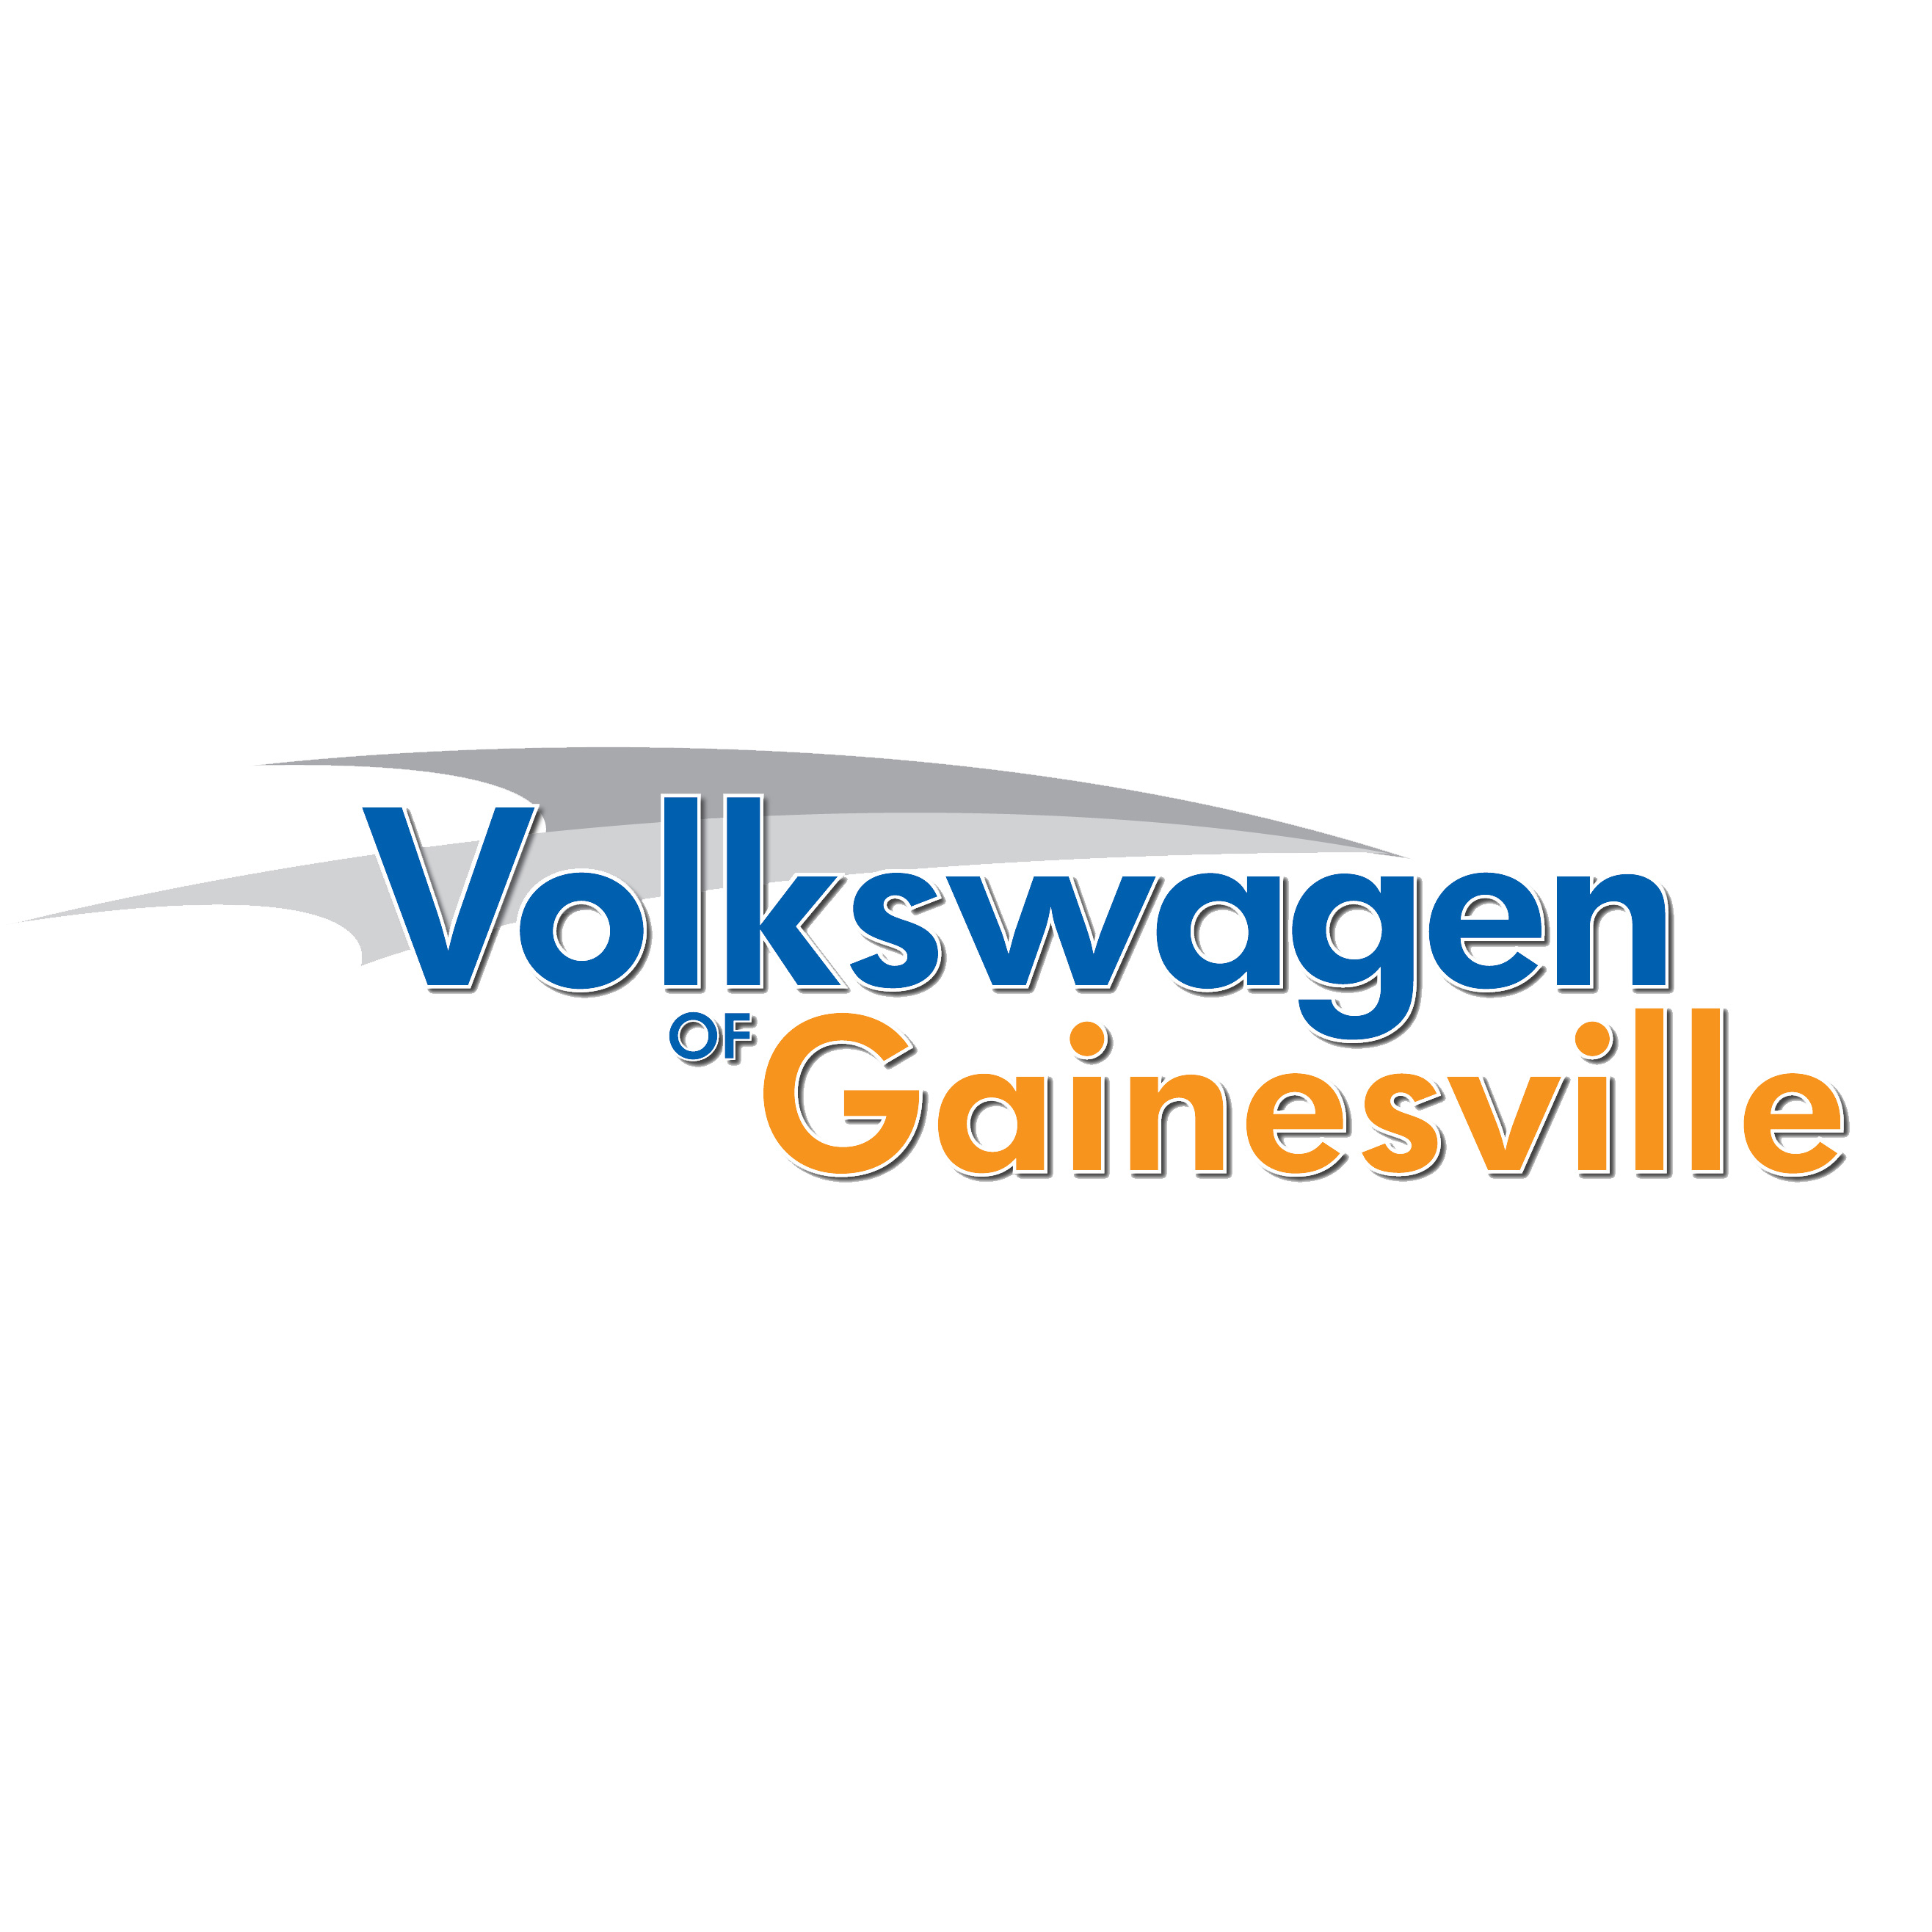 Volkswagen of Gainesville - Gainesville, FL - General Auto Repair & Service